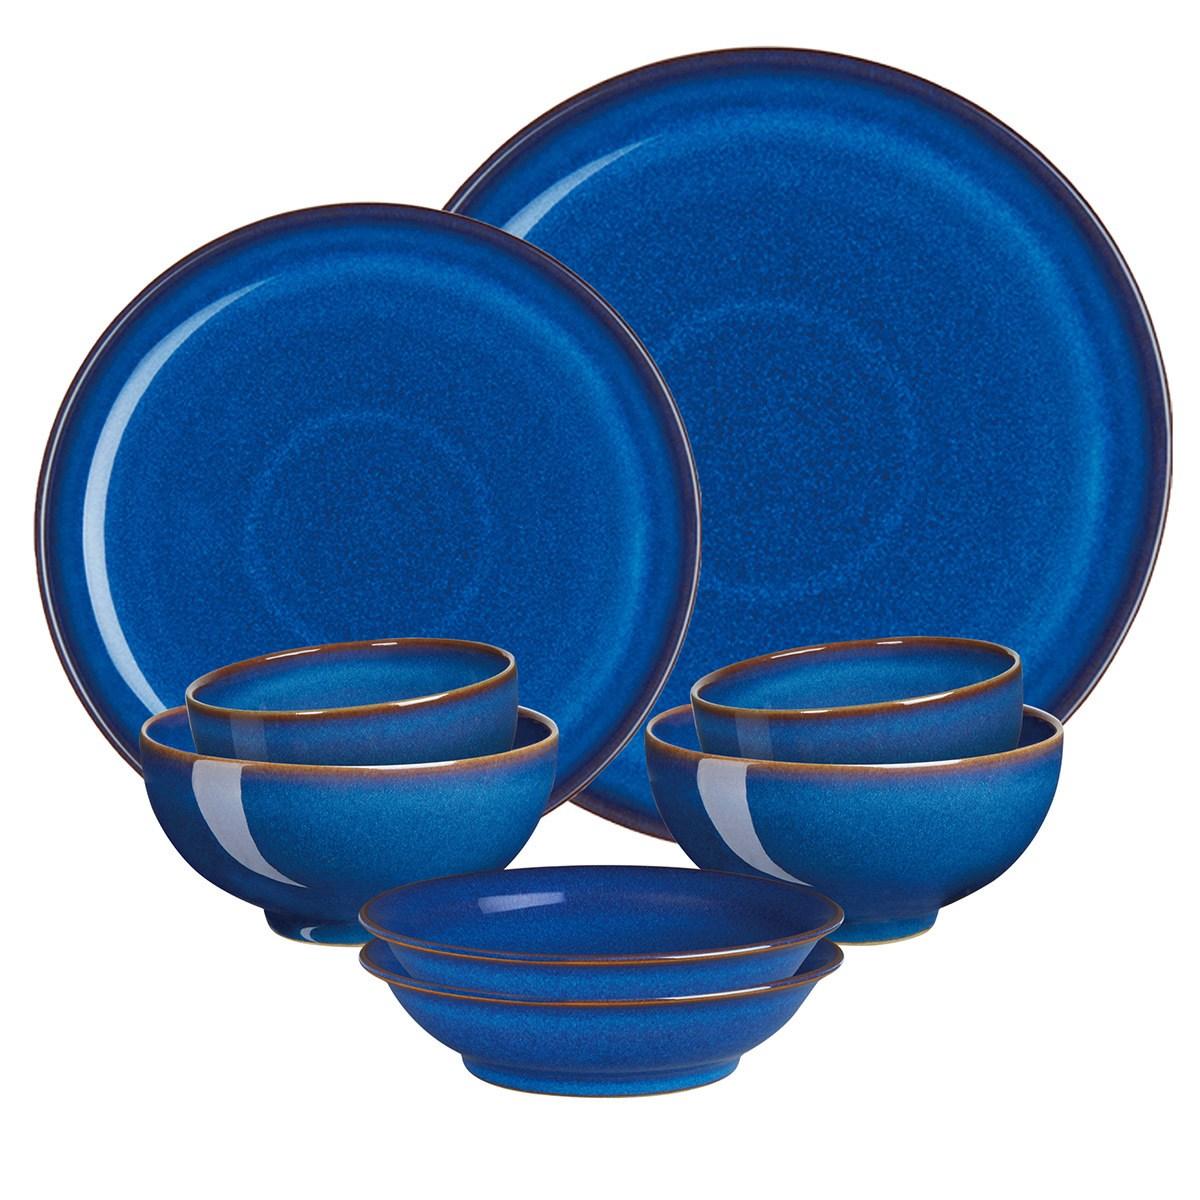 덴비 임페리얼 블루 한식기 세트 8P